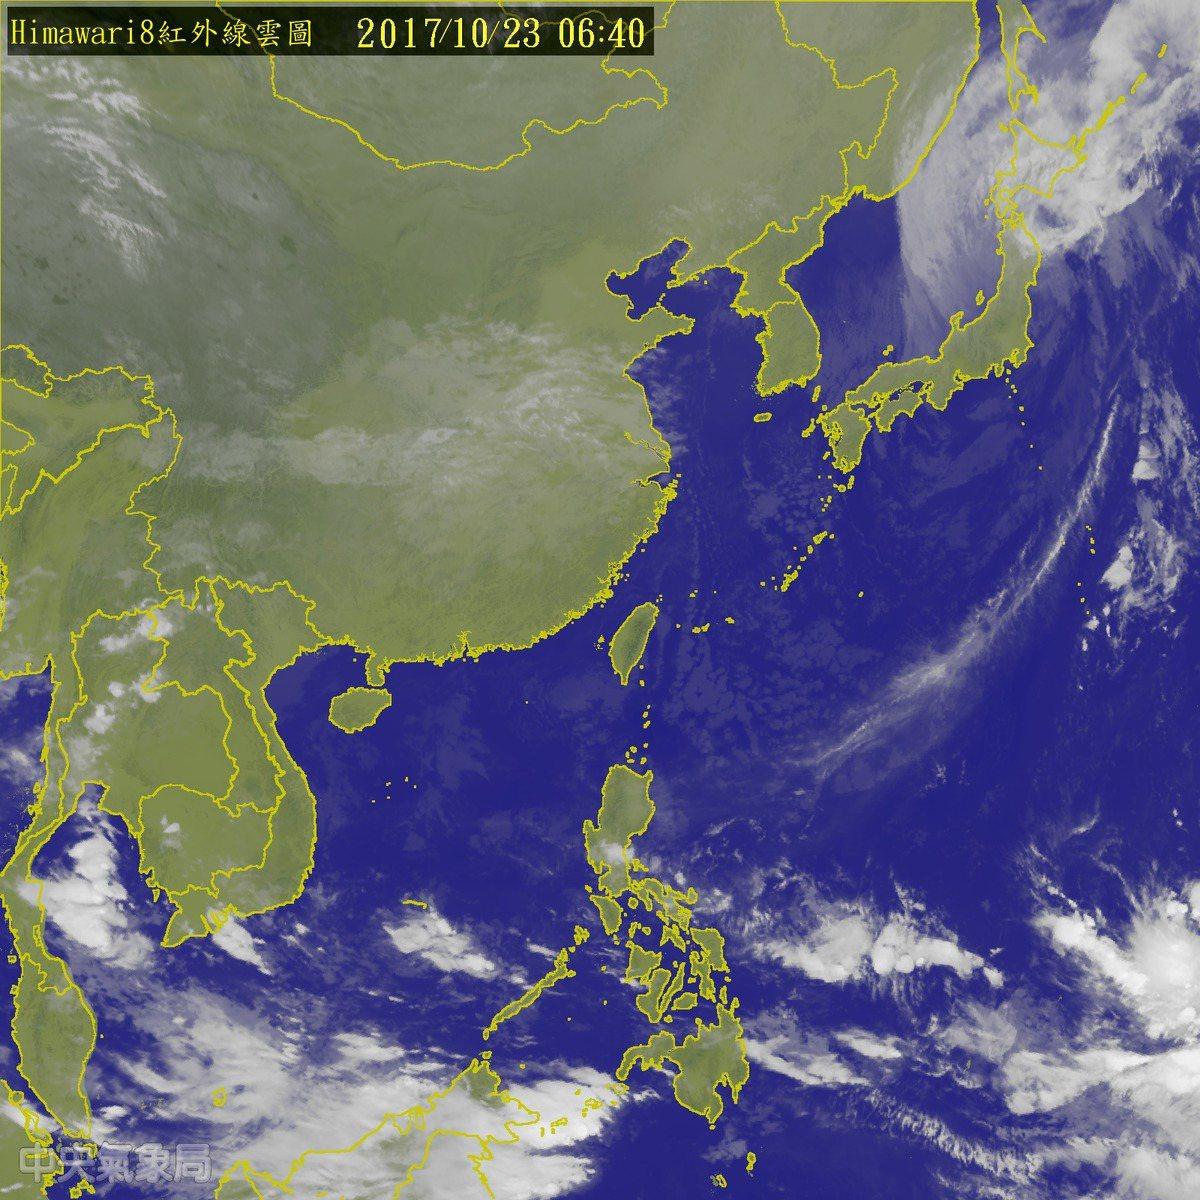 受乾冷東北季風影響,各地天氣大致穩定,中南部日夜溫差大。圖/翻攝氣象局網站